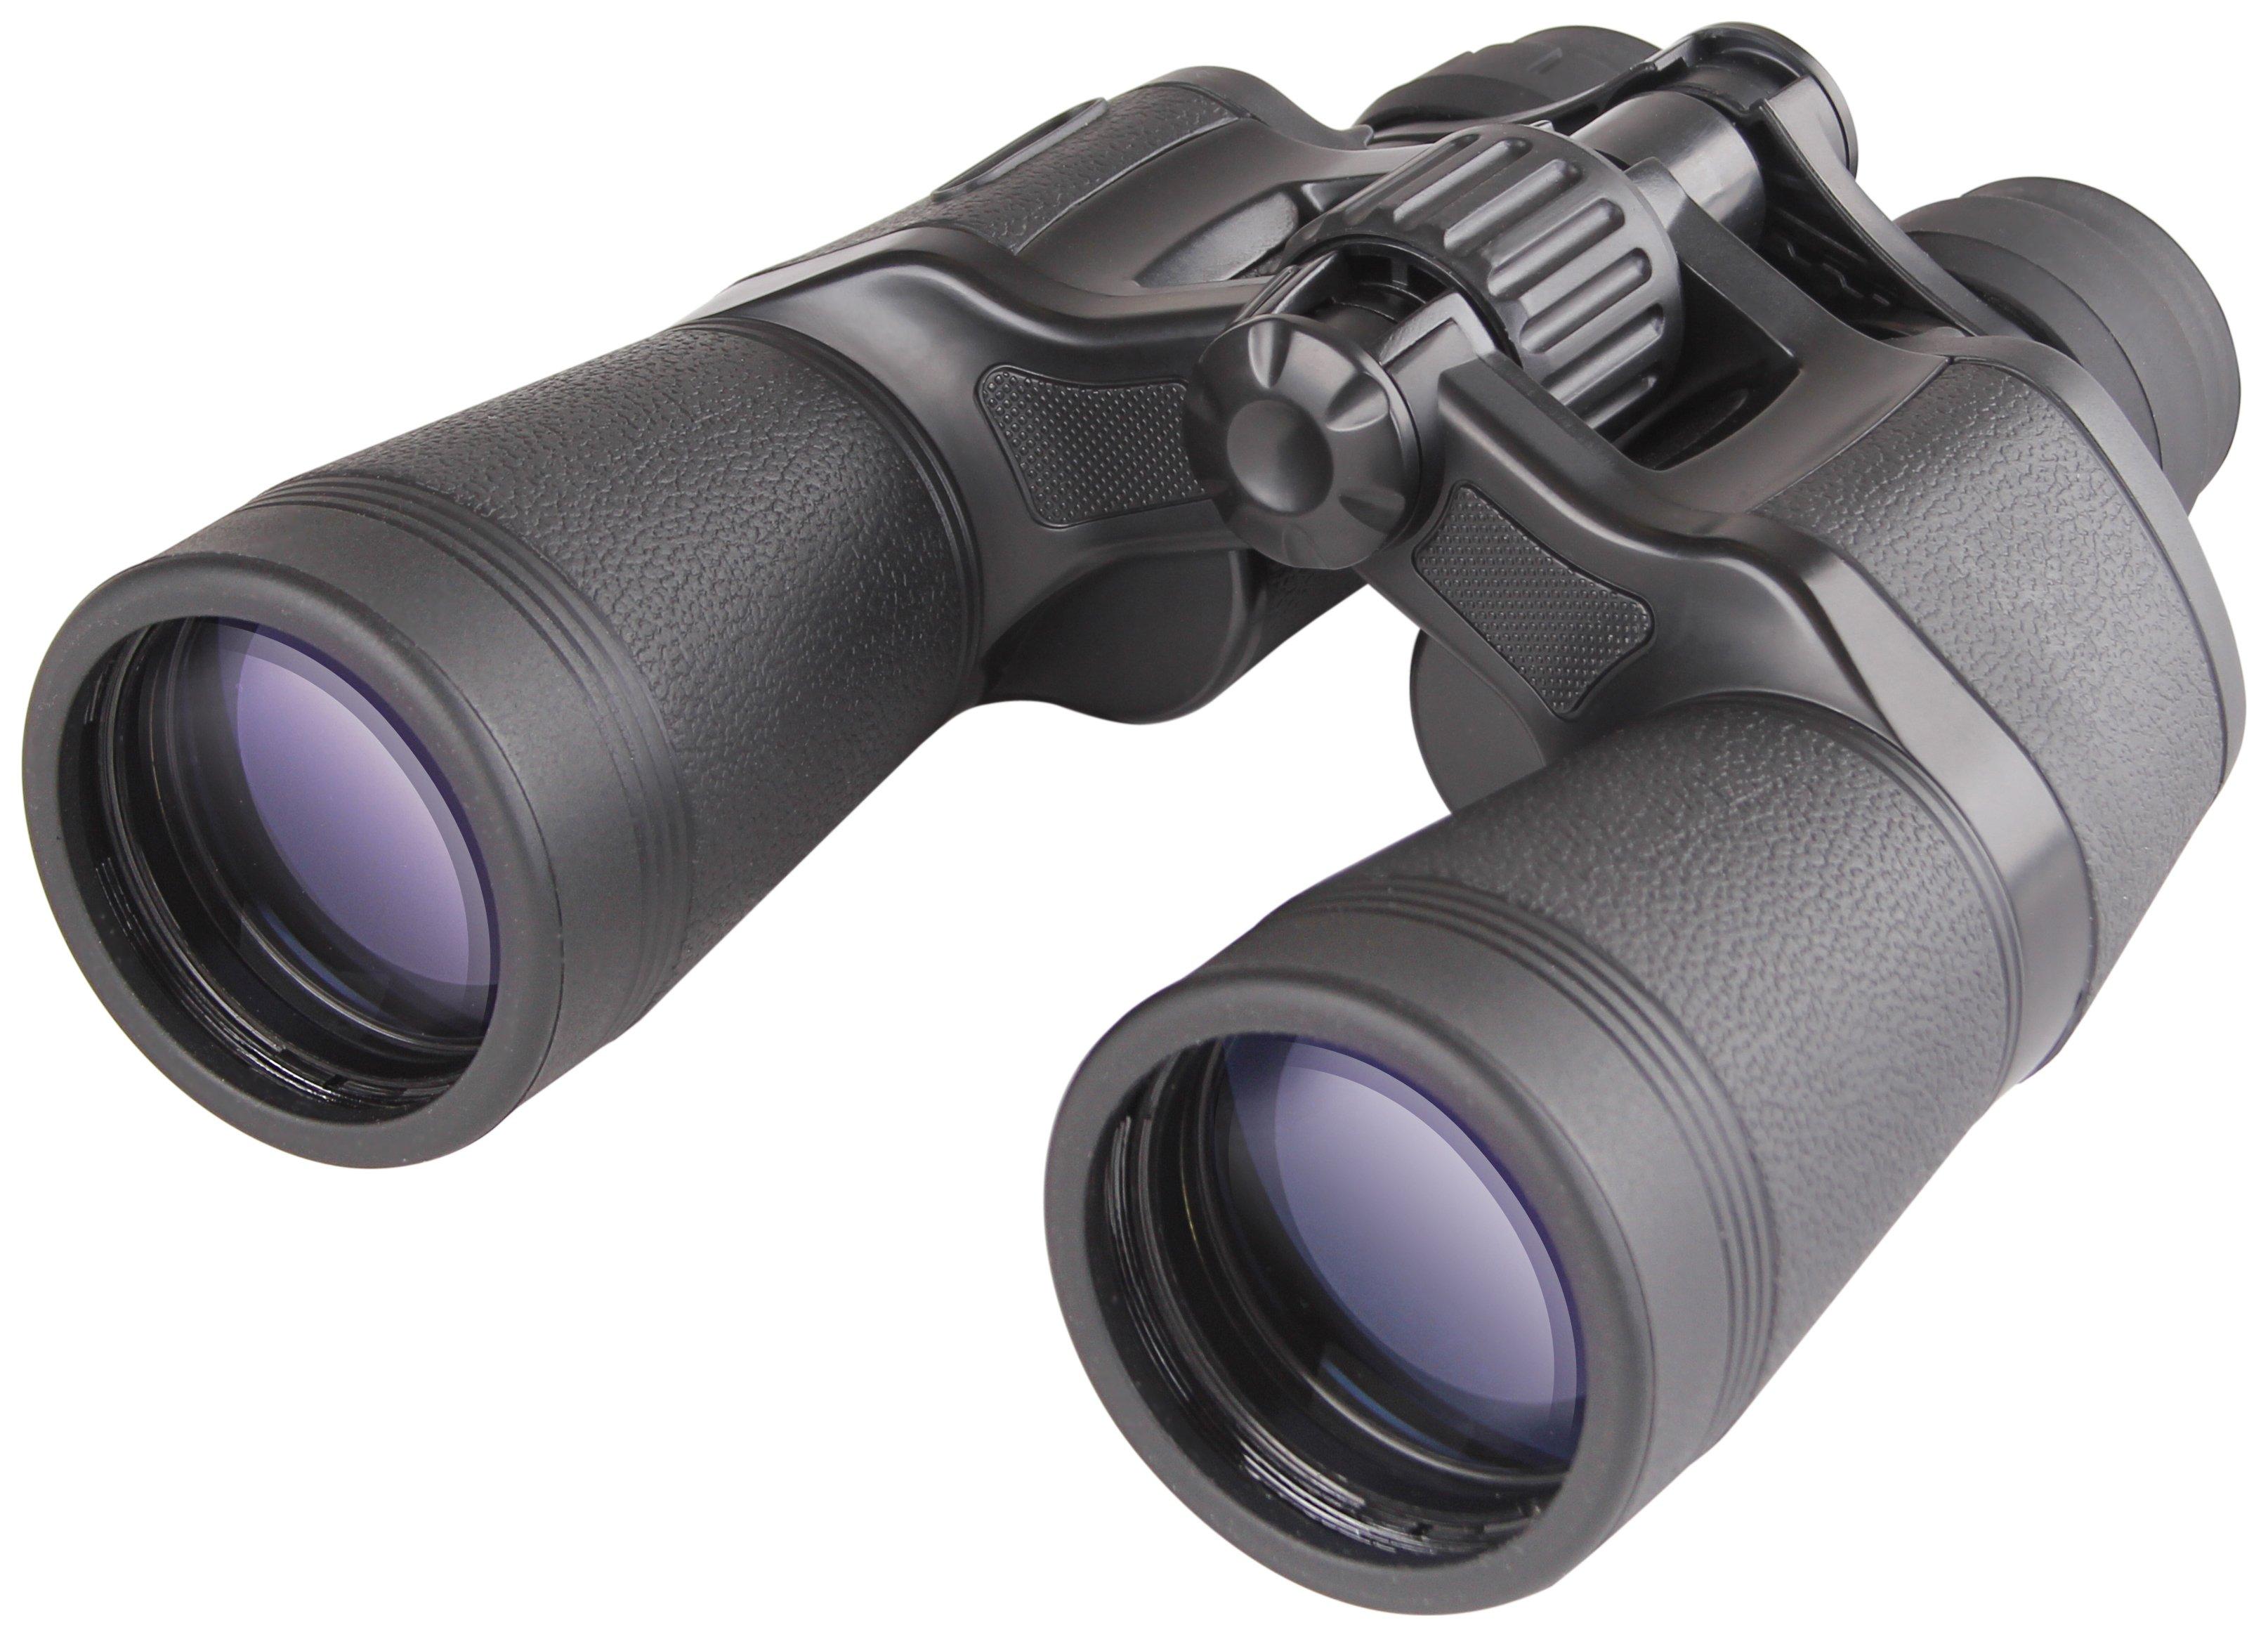 Meade - Mirage - Binoculars - 7 To 5x35